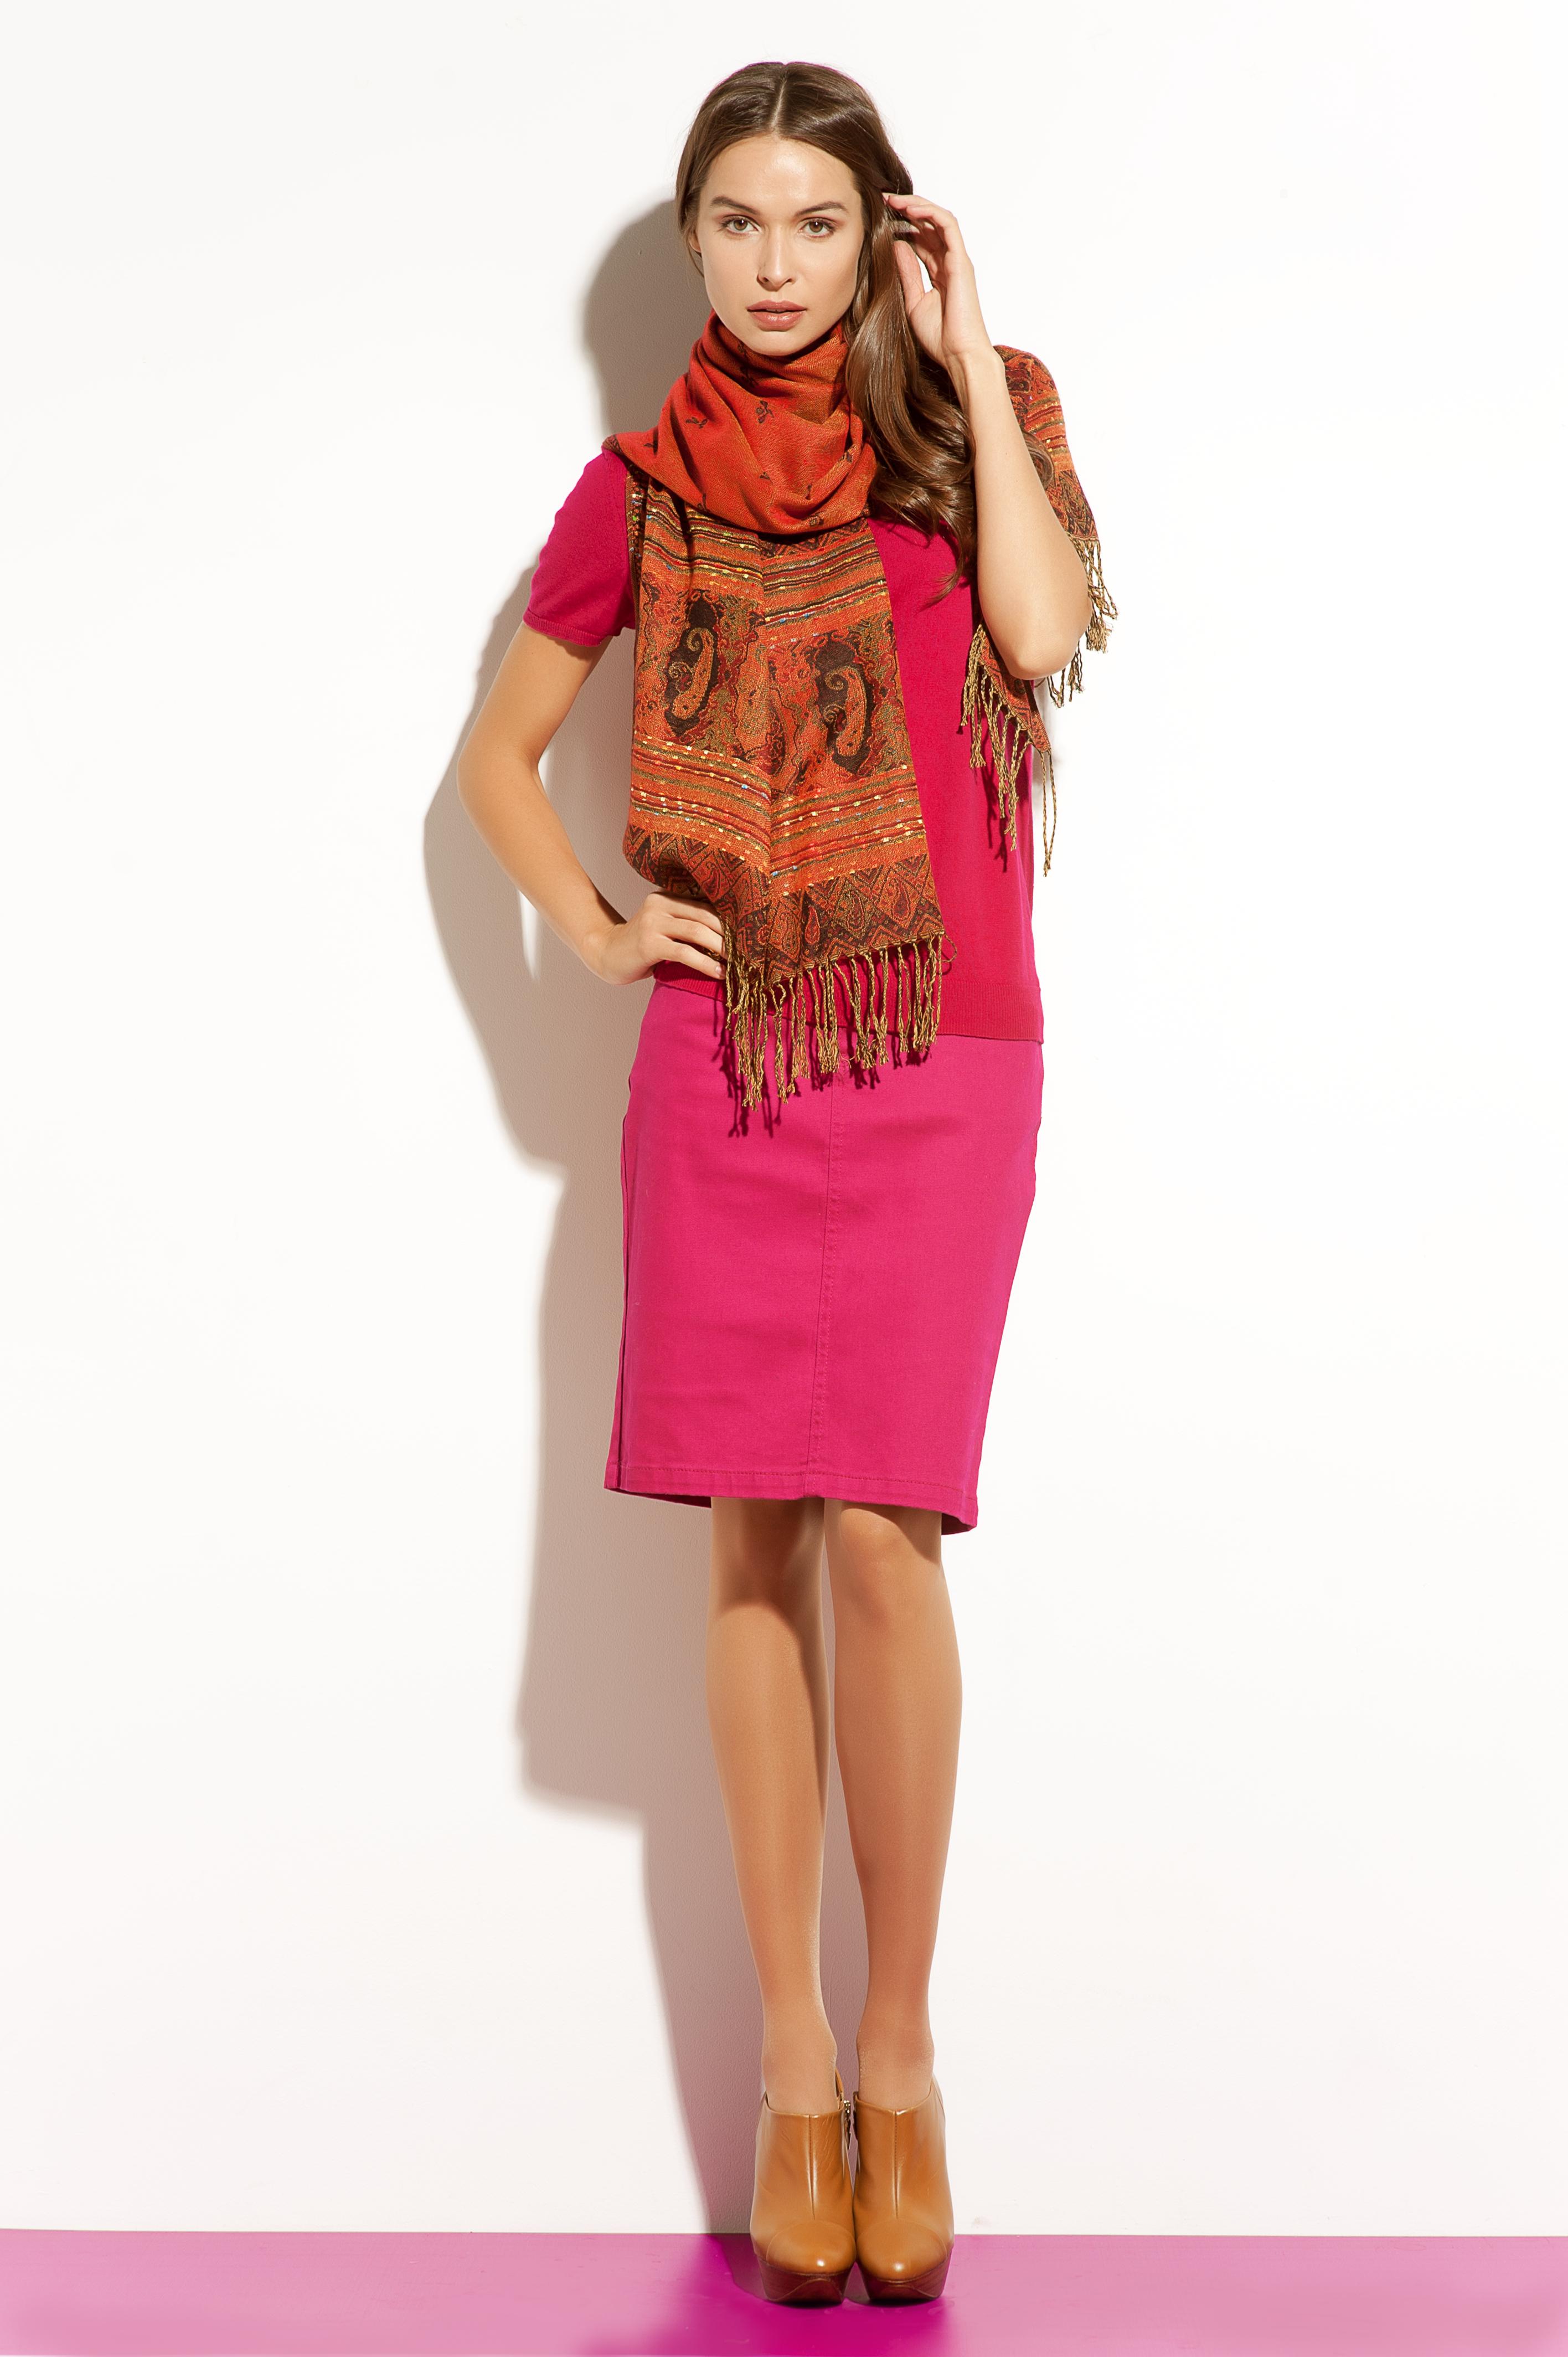 Женская Одежда Визавис